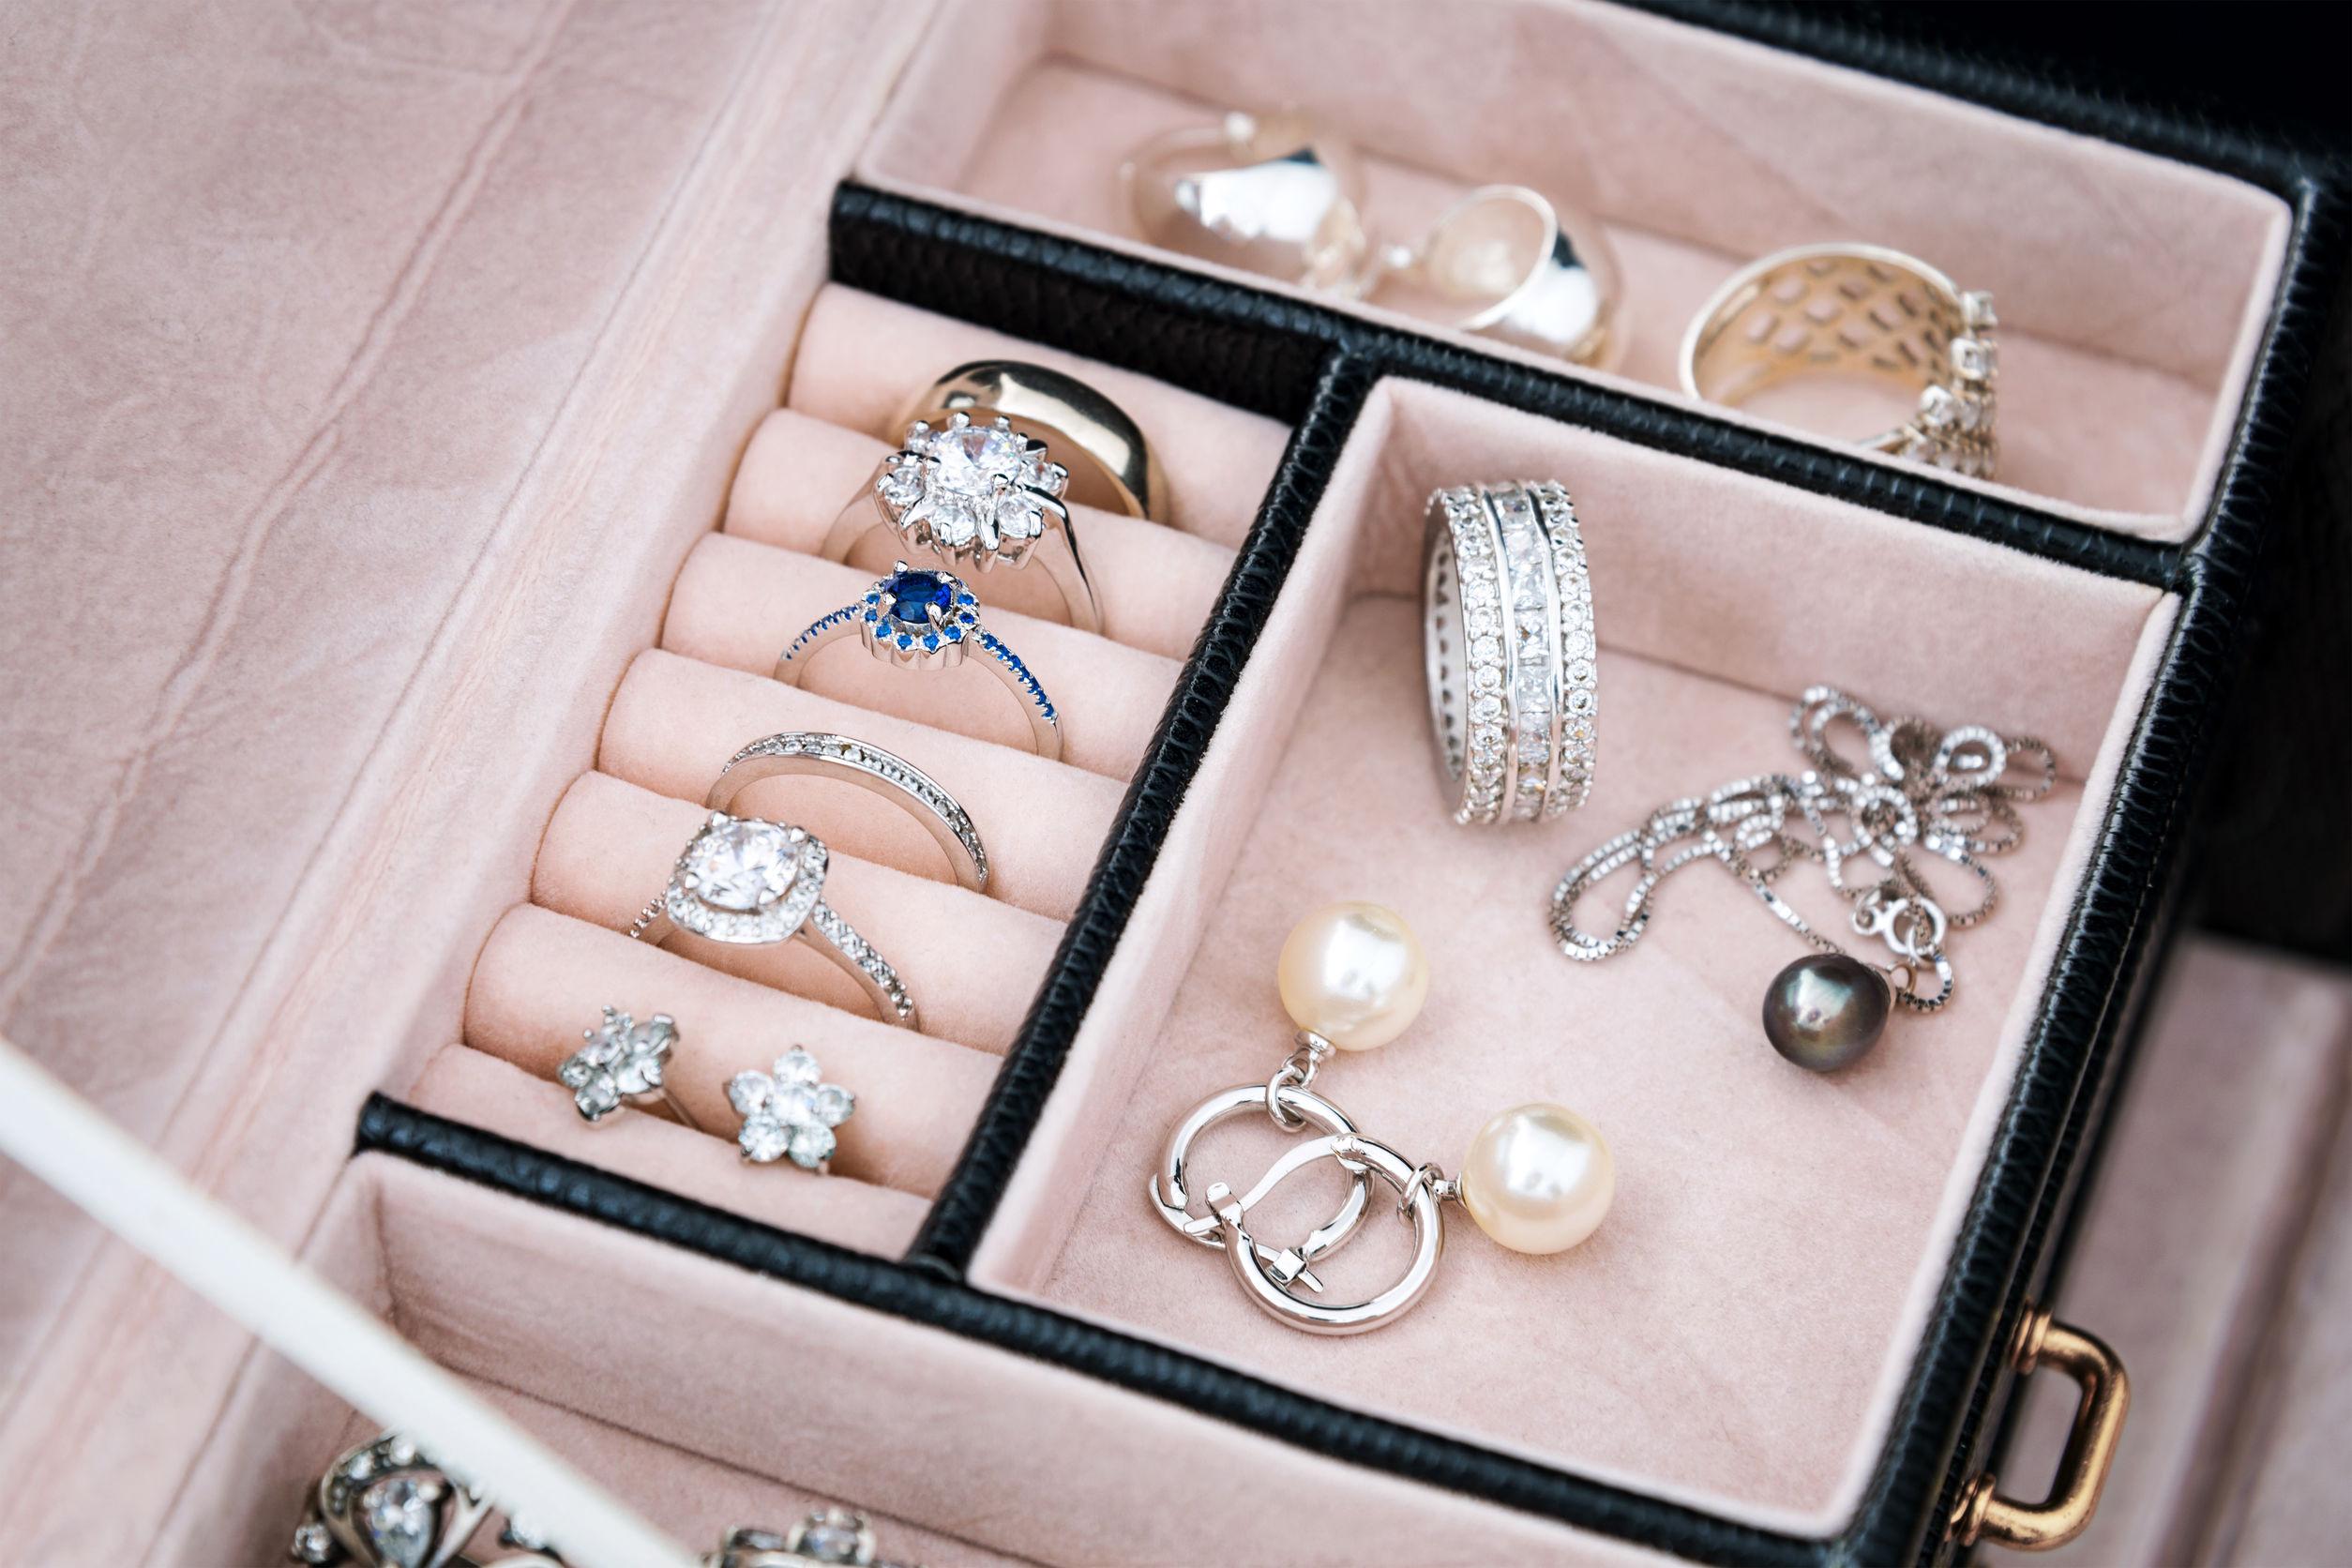 ¿Cómo organizar mis joyas?